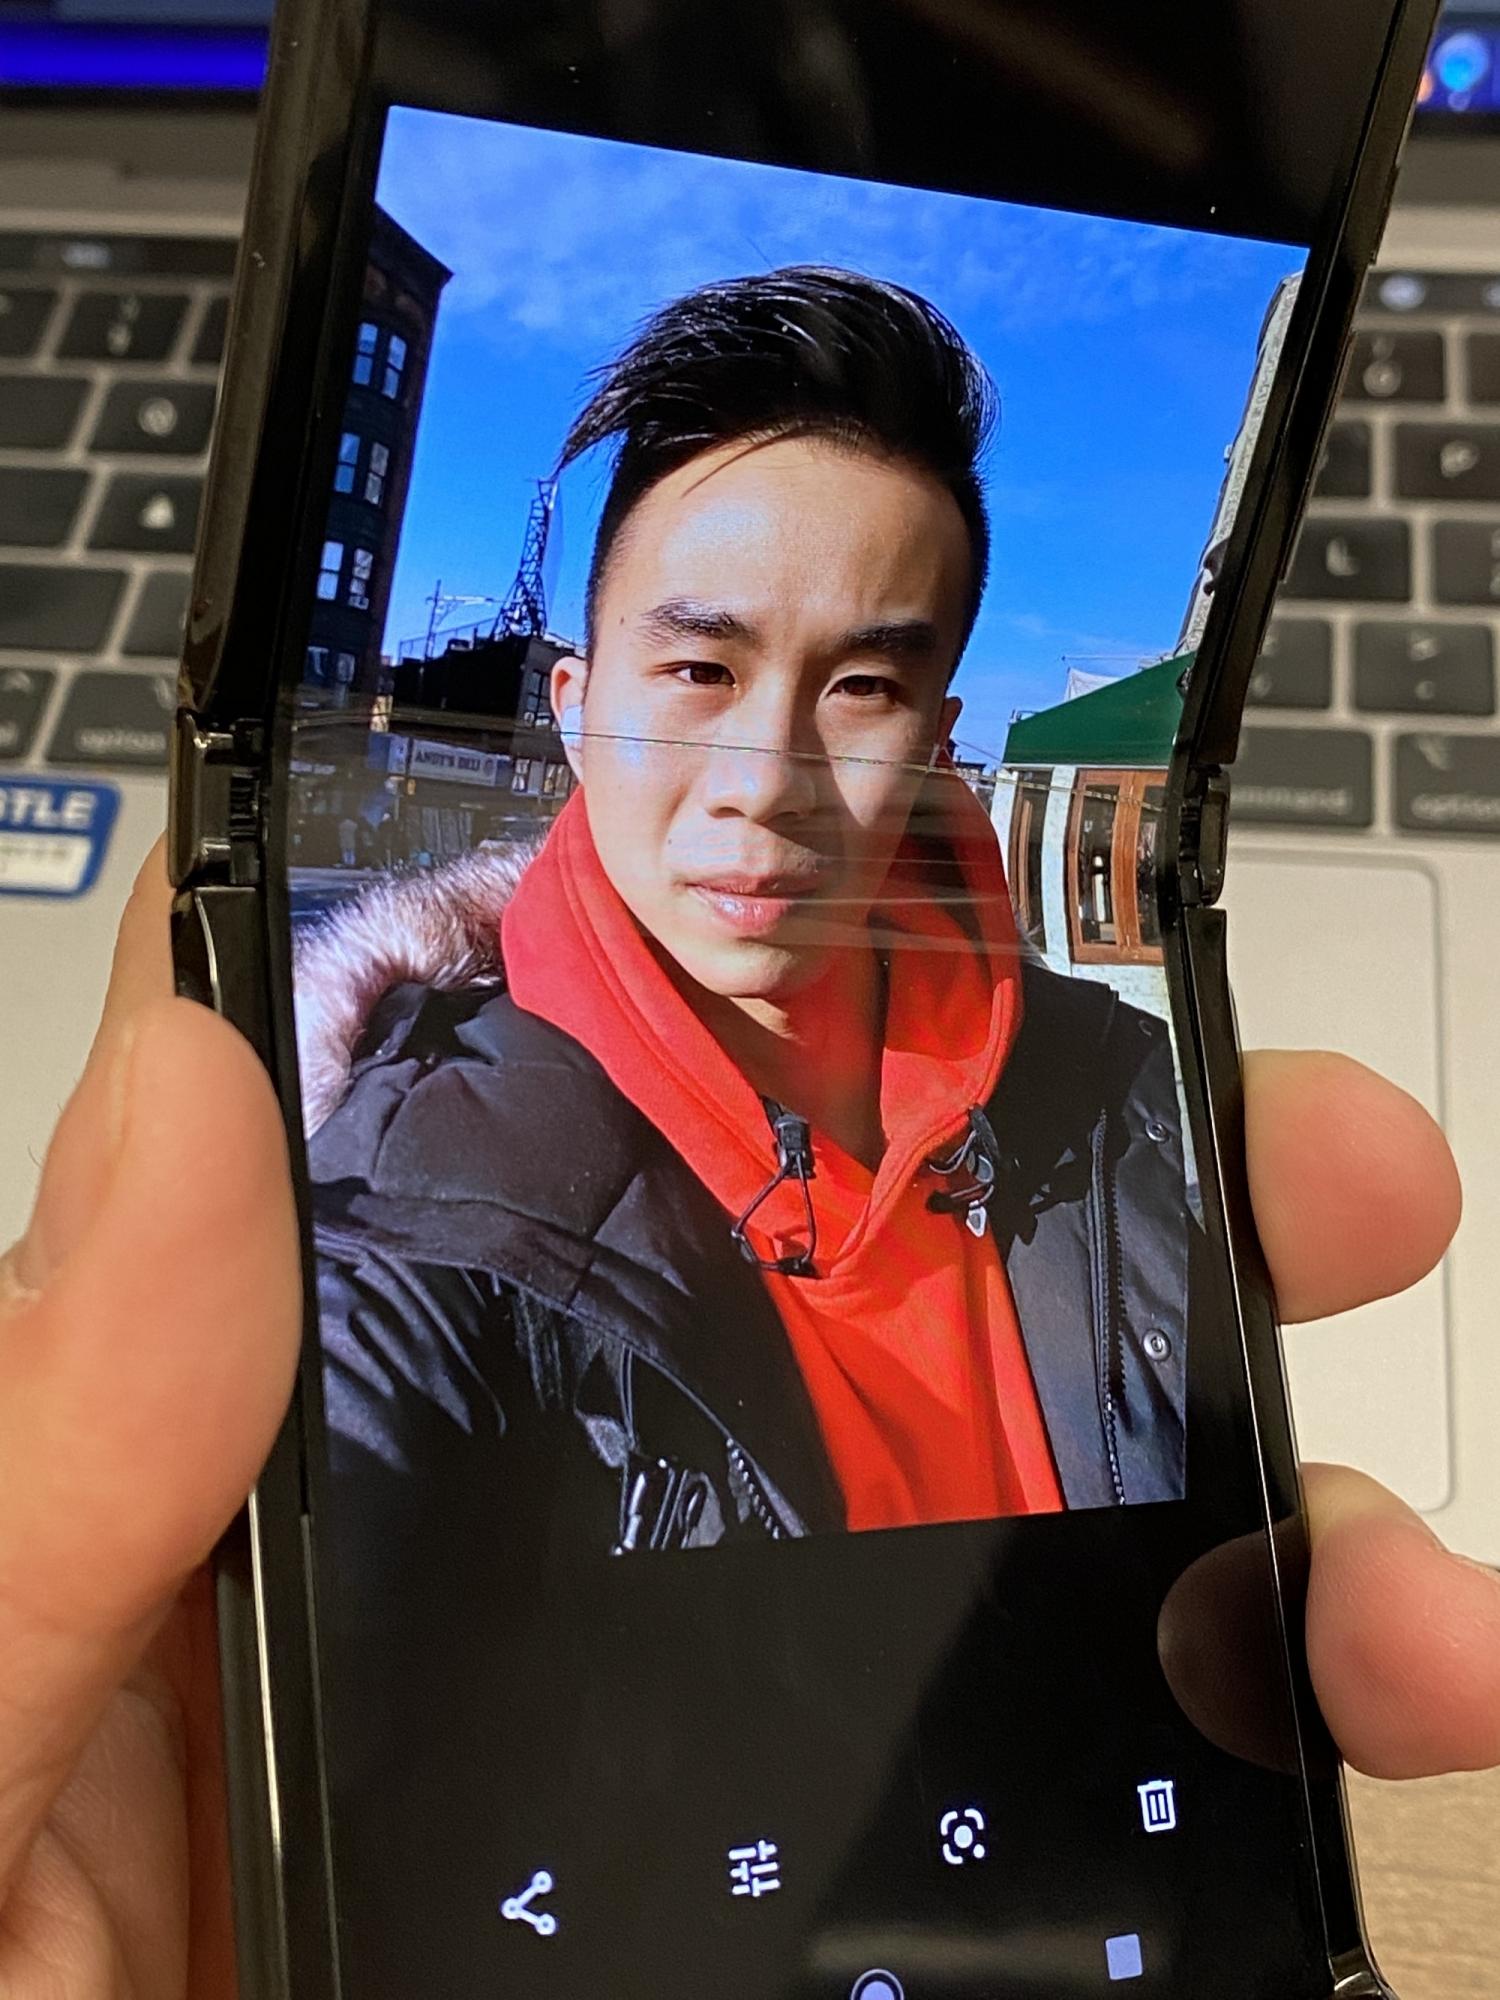 картинка с монитора в смартфоне уверены, что они